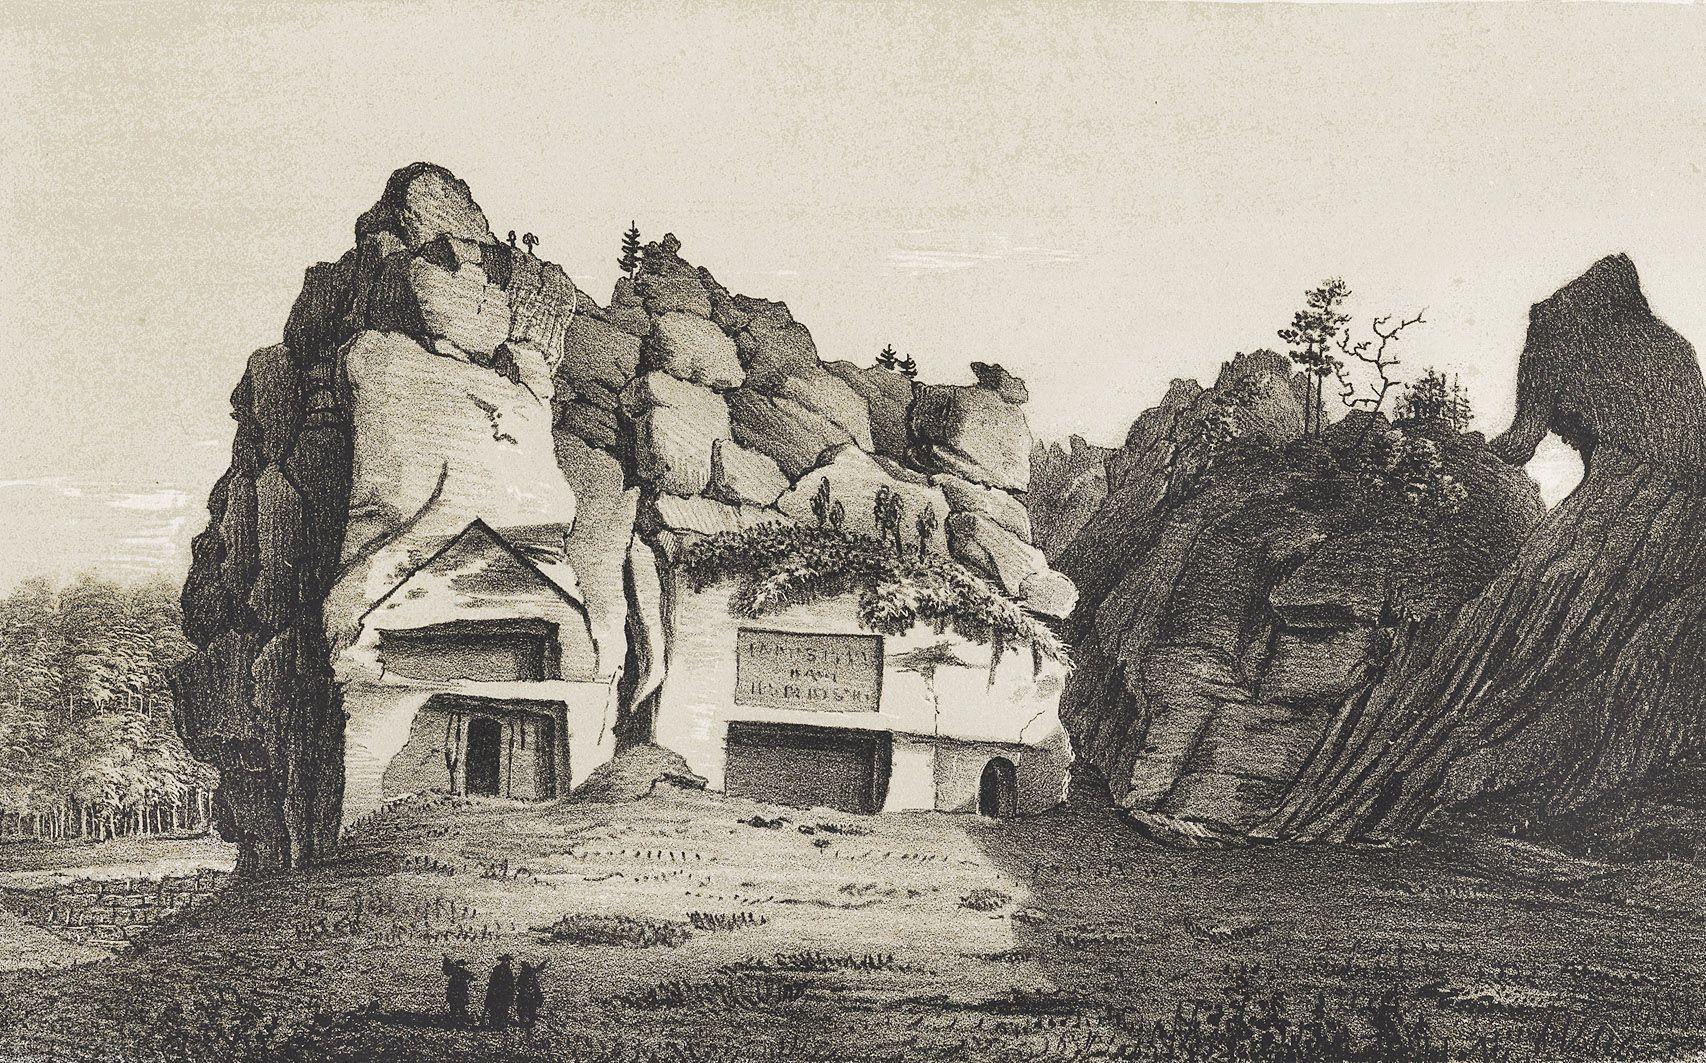 Мацей Боґуш Зиґмунт Стенчинський. Скелі Довбуша в Бубнище, 1847; літографія